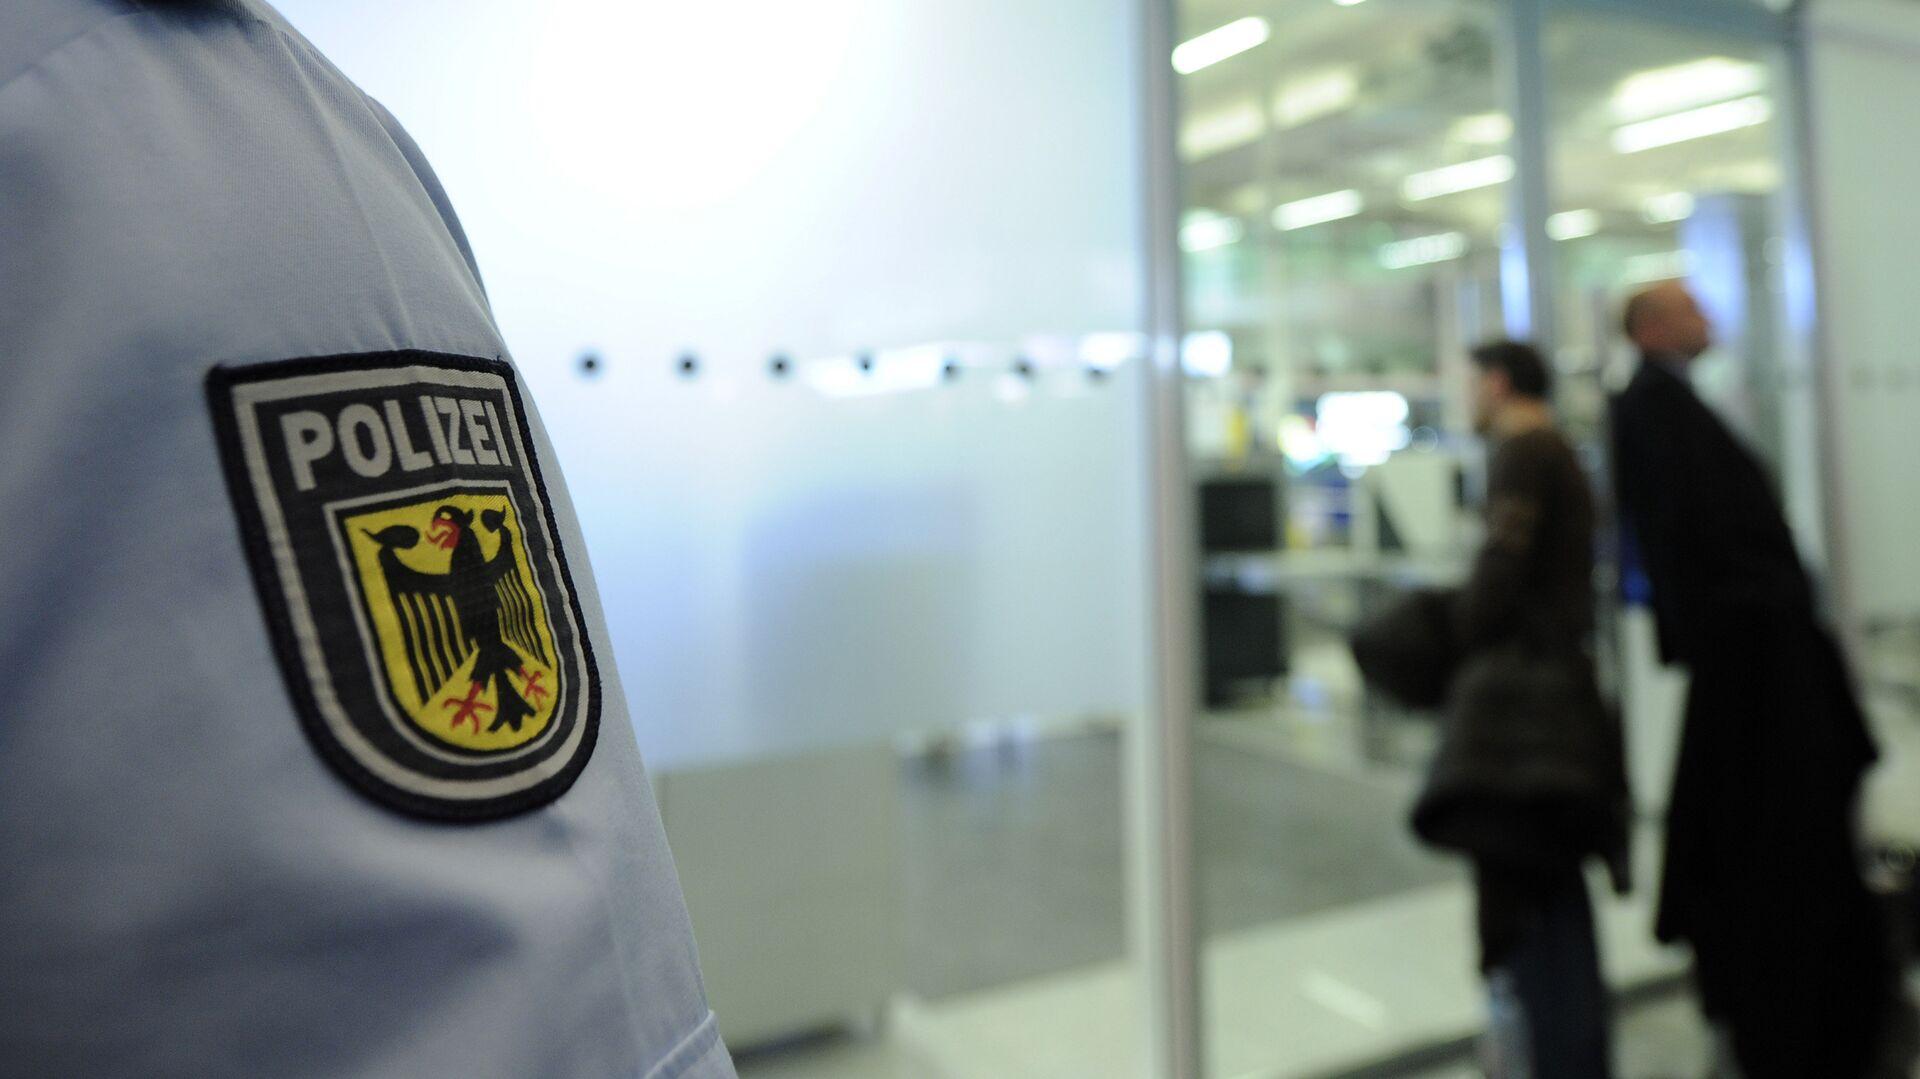 Сотрудник полиции в аэропорту Мюнхена, Германия - РИА Новости, 1920, 04.08.2020